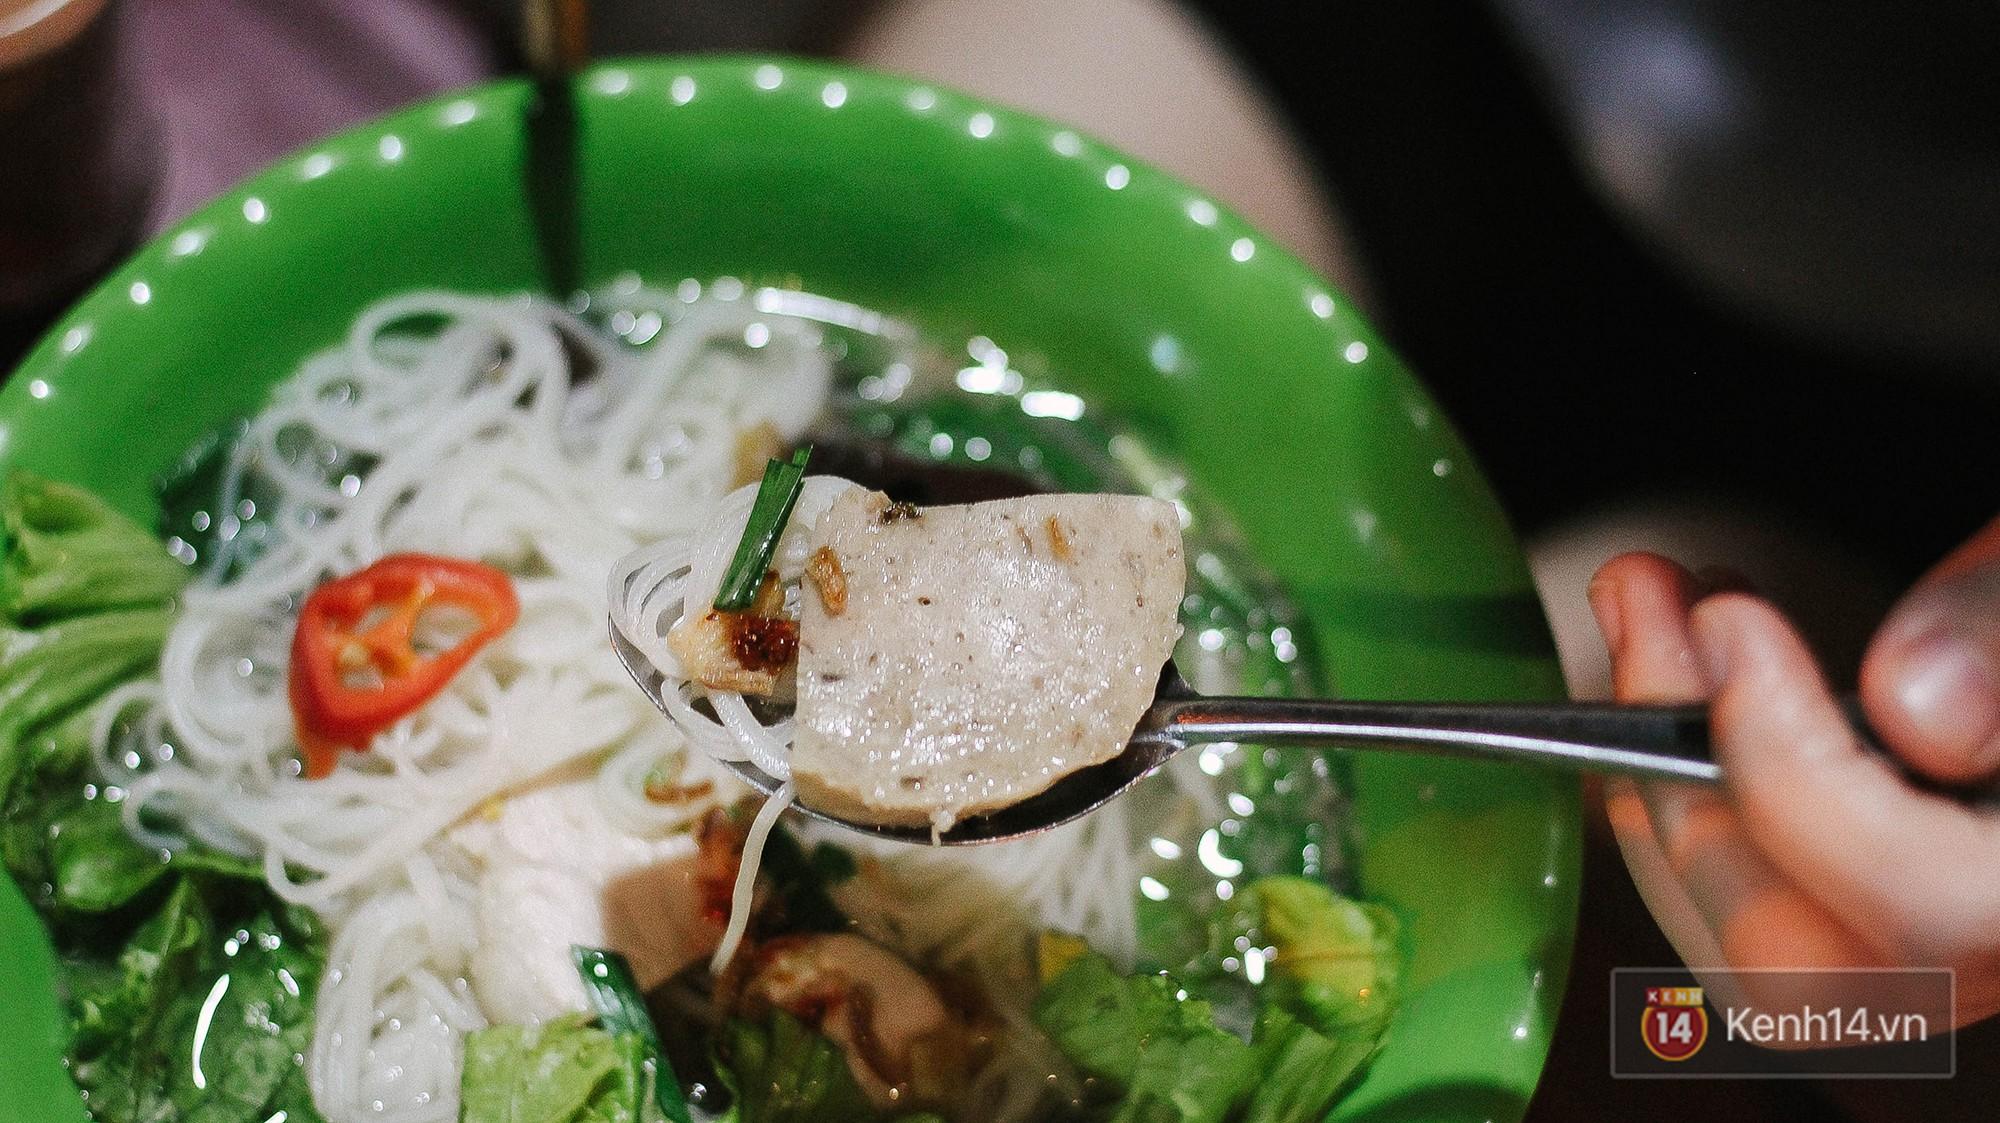 Hủ tiếu gõ: từ món ăn dành cho người nghèo đến một nét văn hoá đặc trưng của Sài Gòn hoa lệ - Ảnh 6.